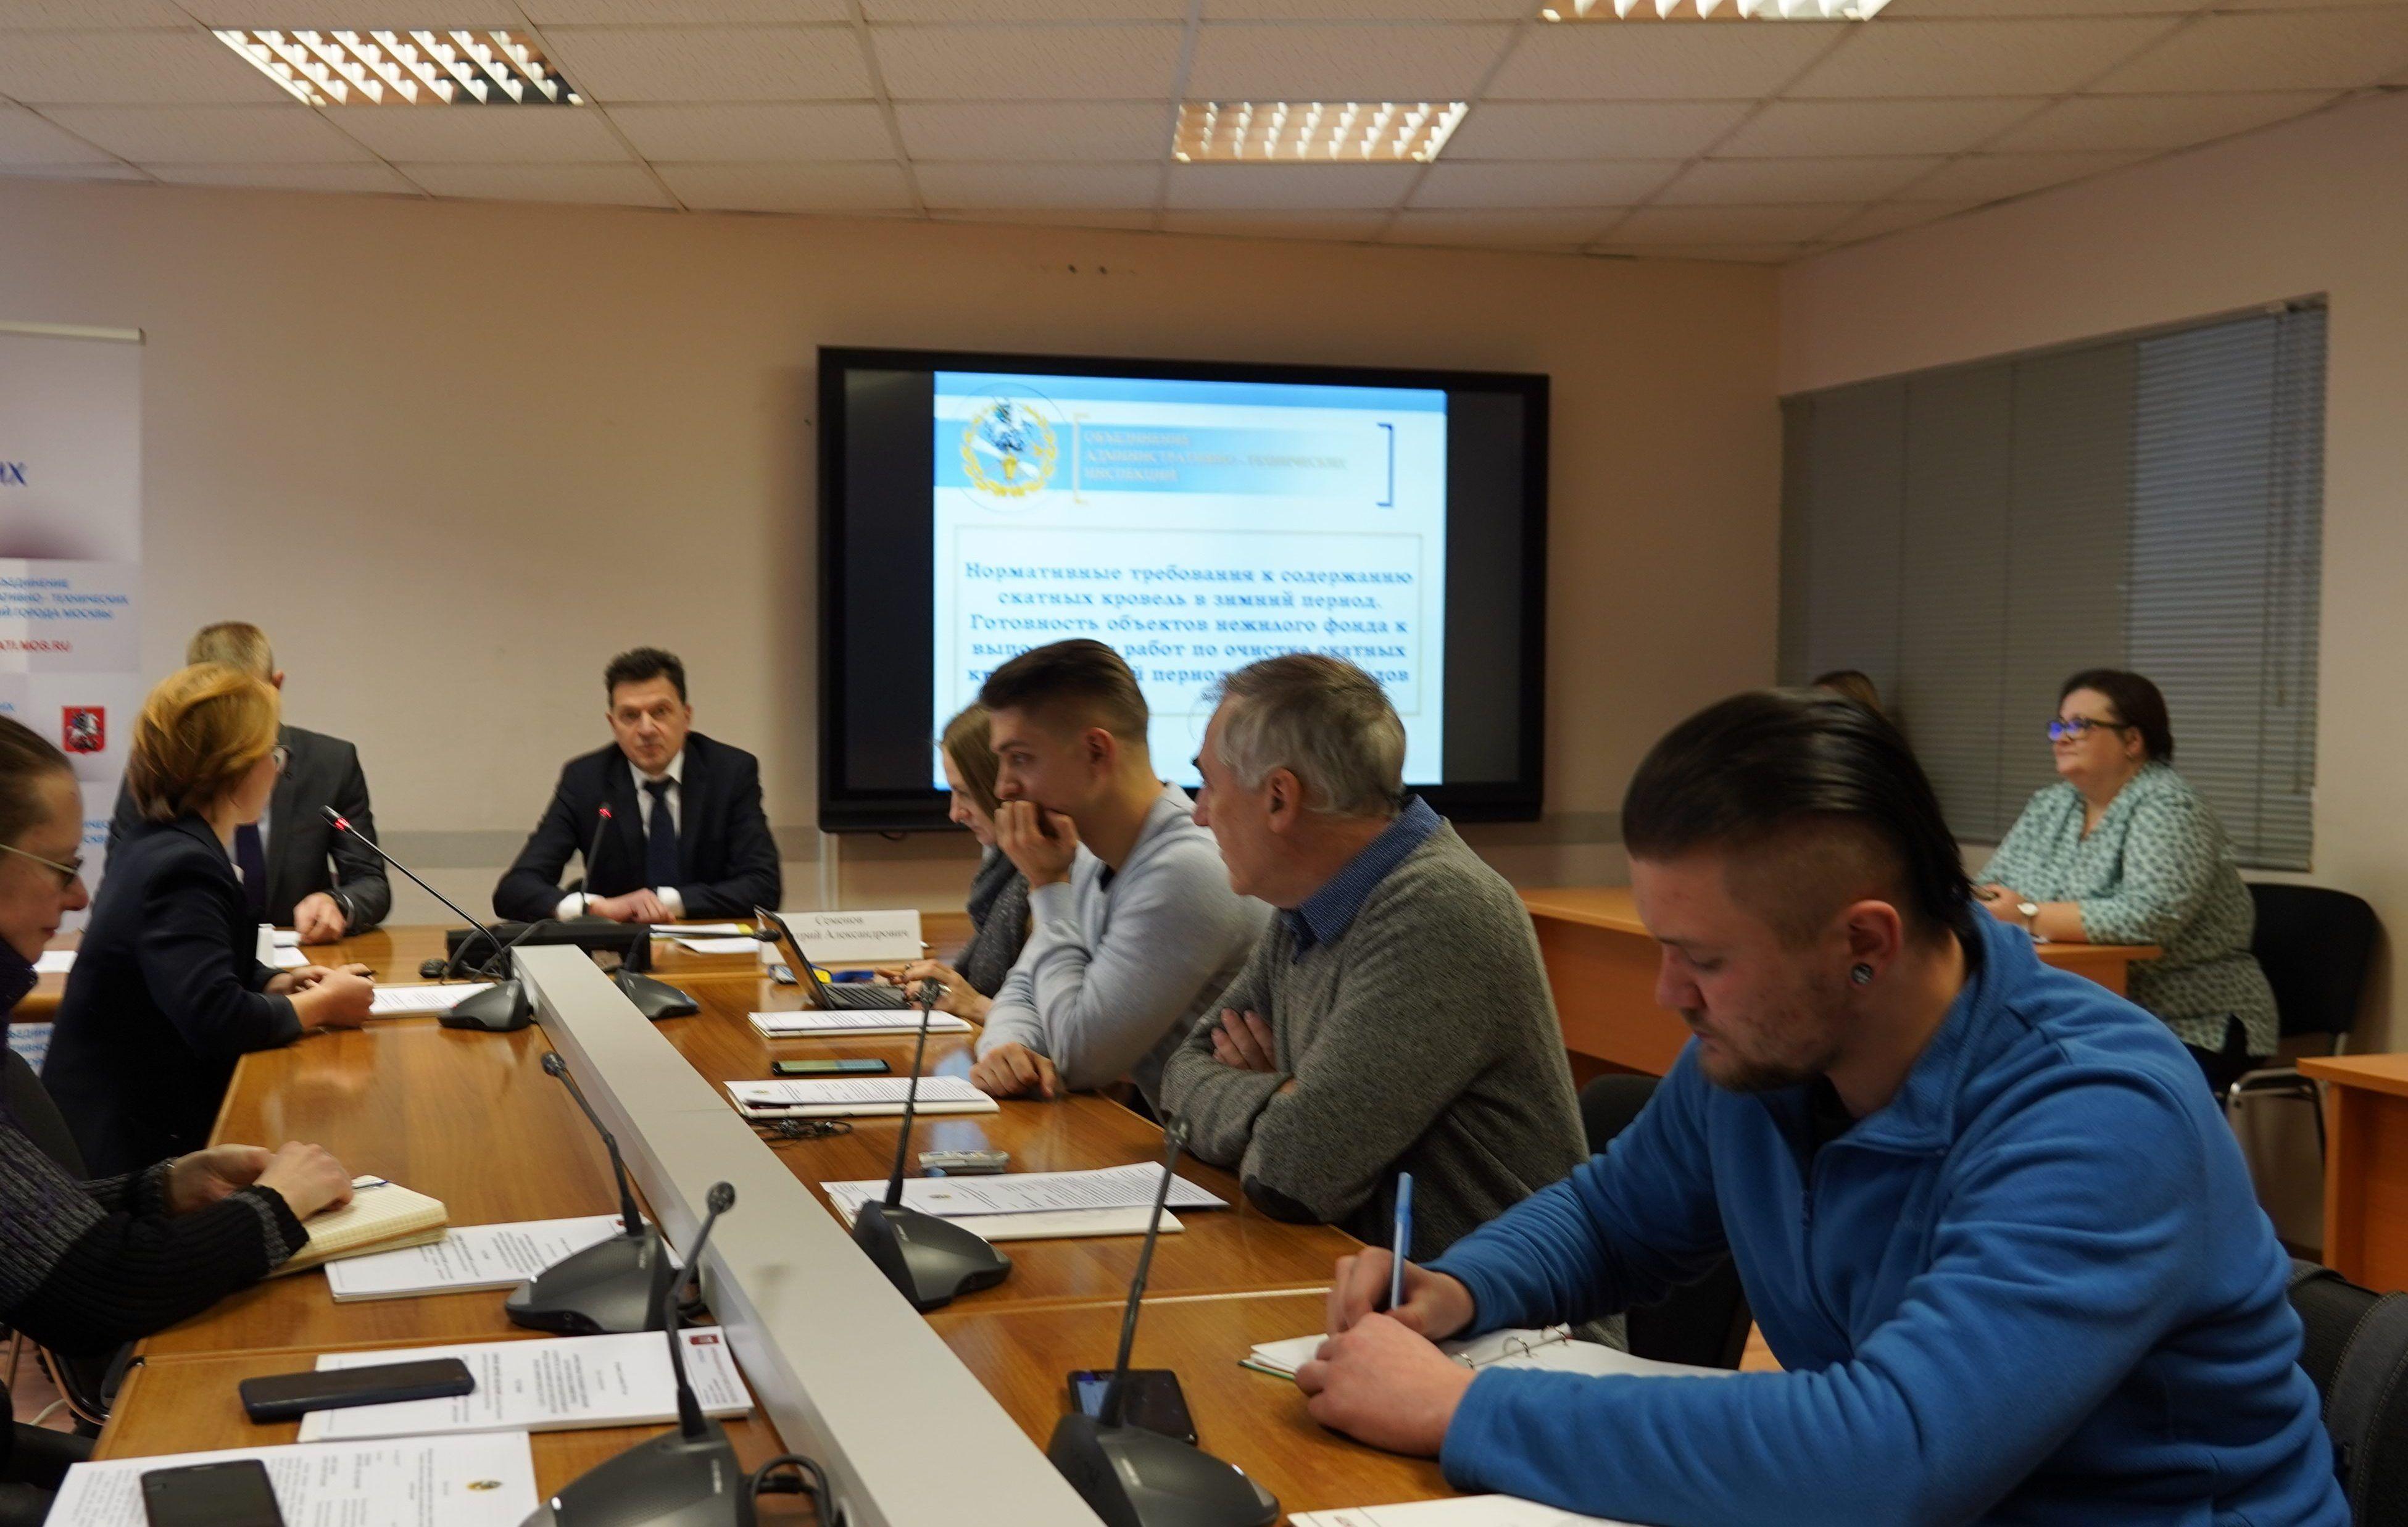 Конференция о содержании скатных кровель состоялась в Информационном центре Правительства Москвы